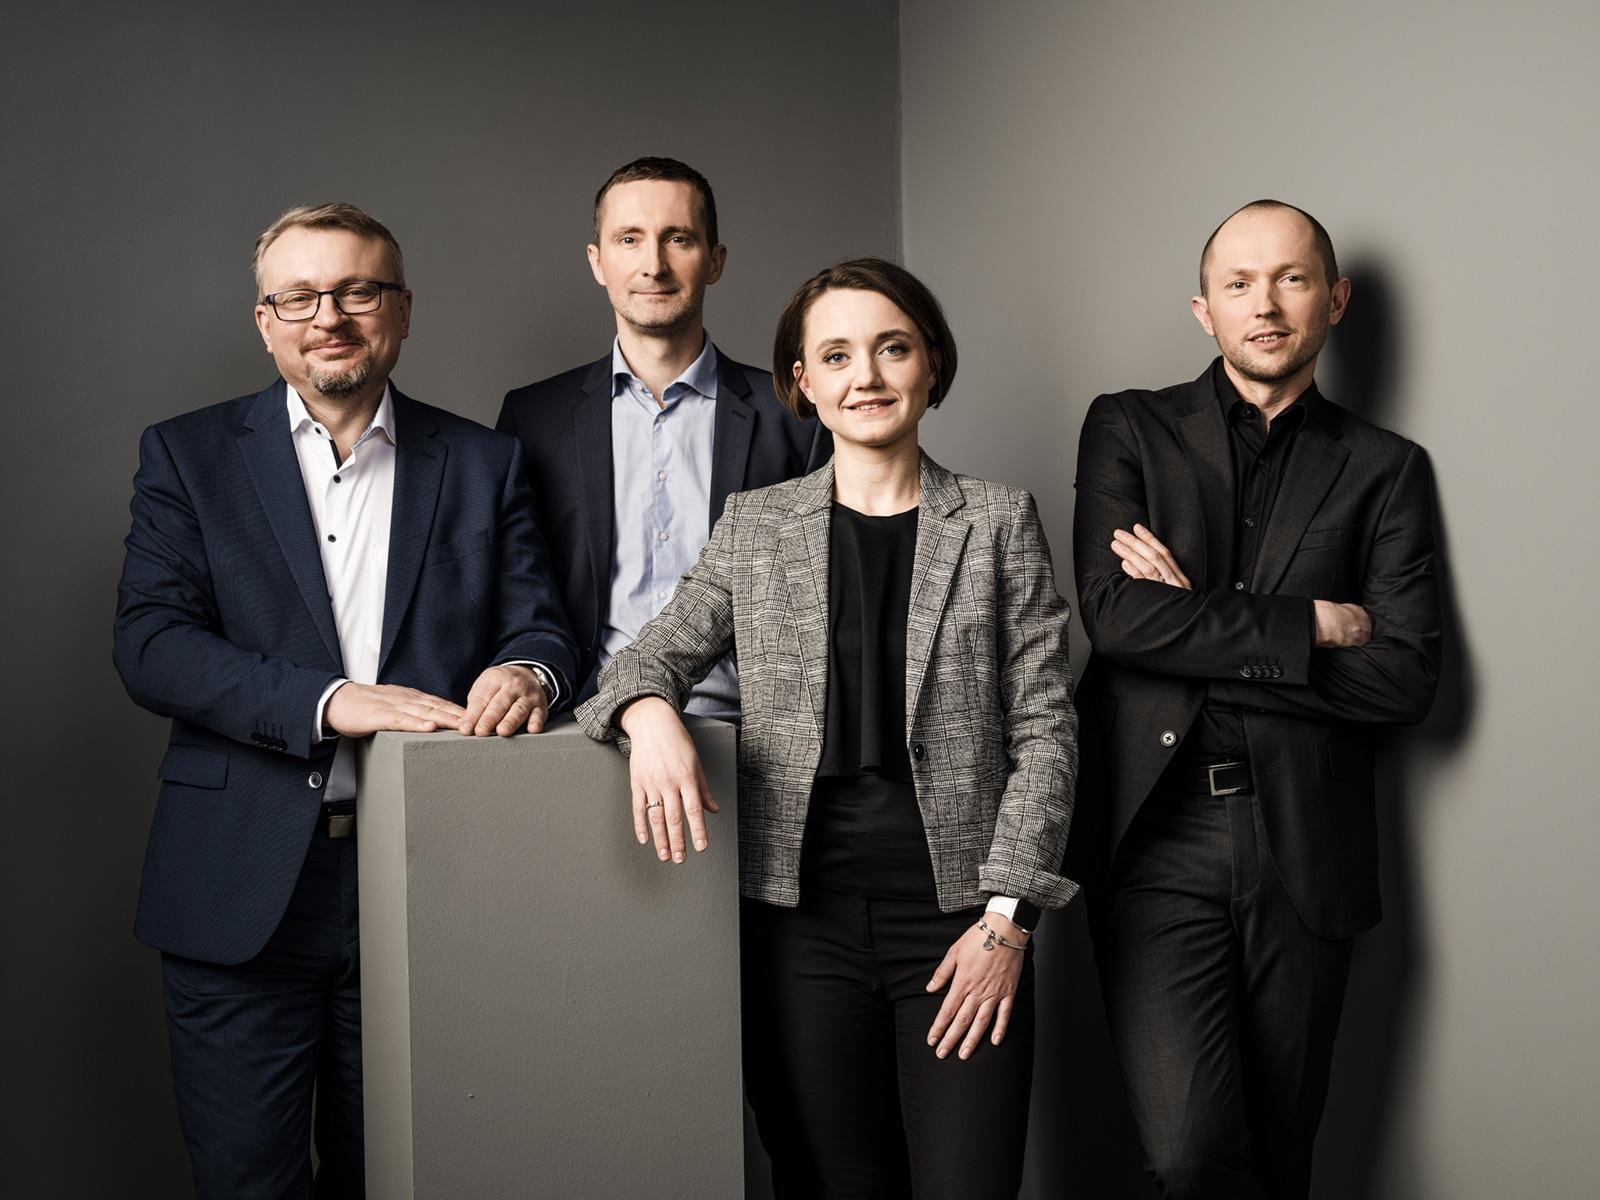 Gerhard Lengauer, Christian Deinhofer, Nina Holzer, Michael Schröcker